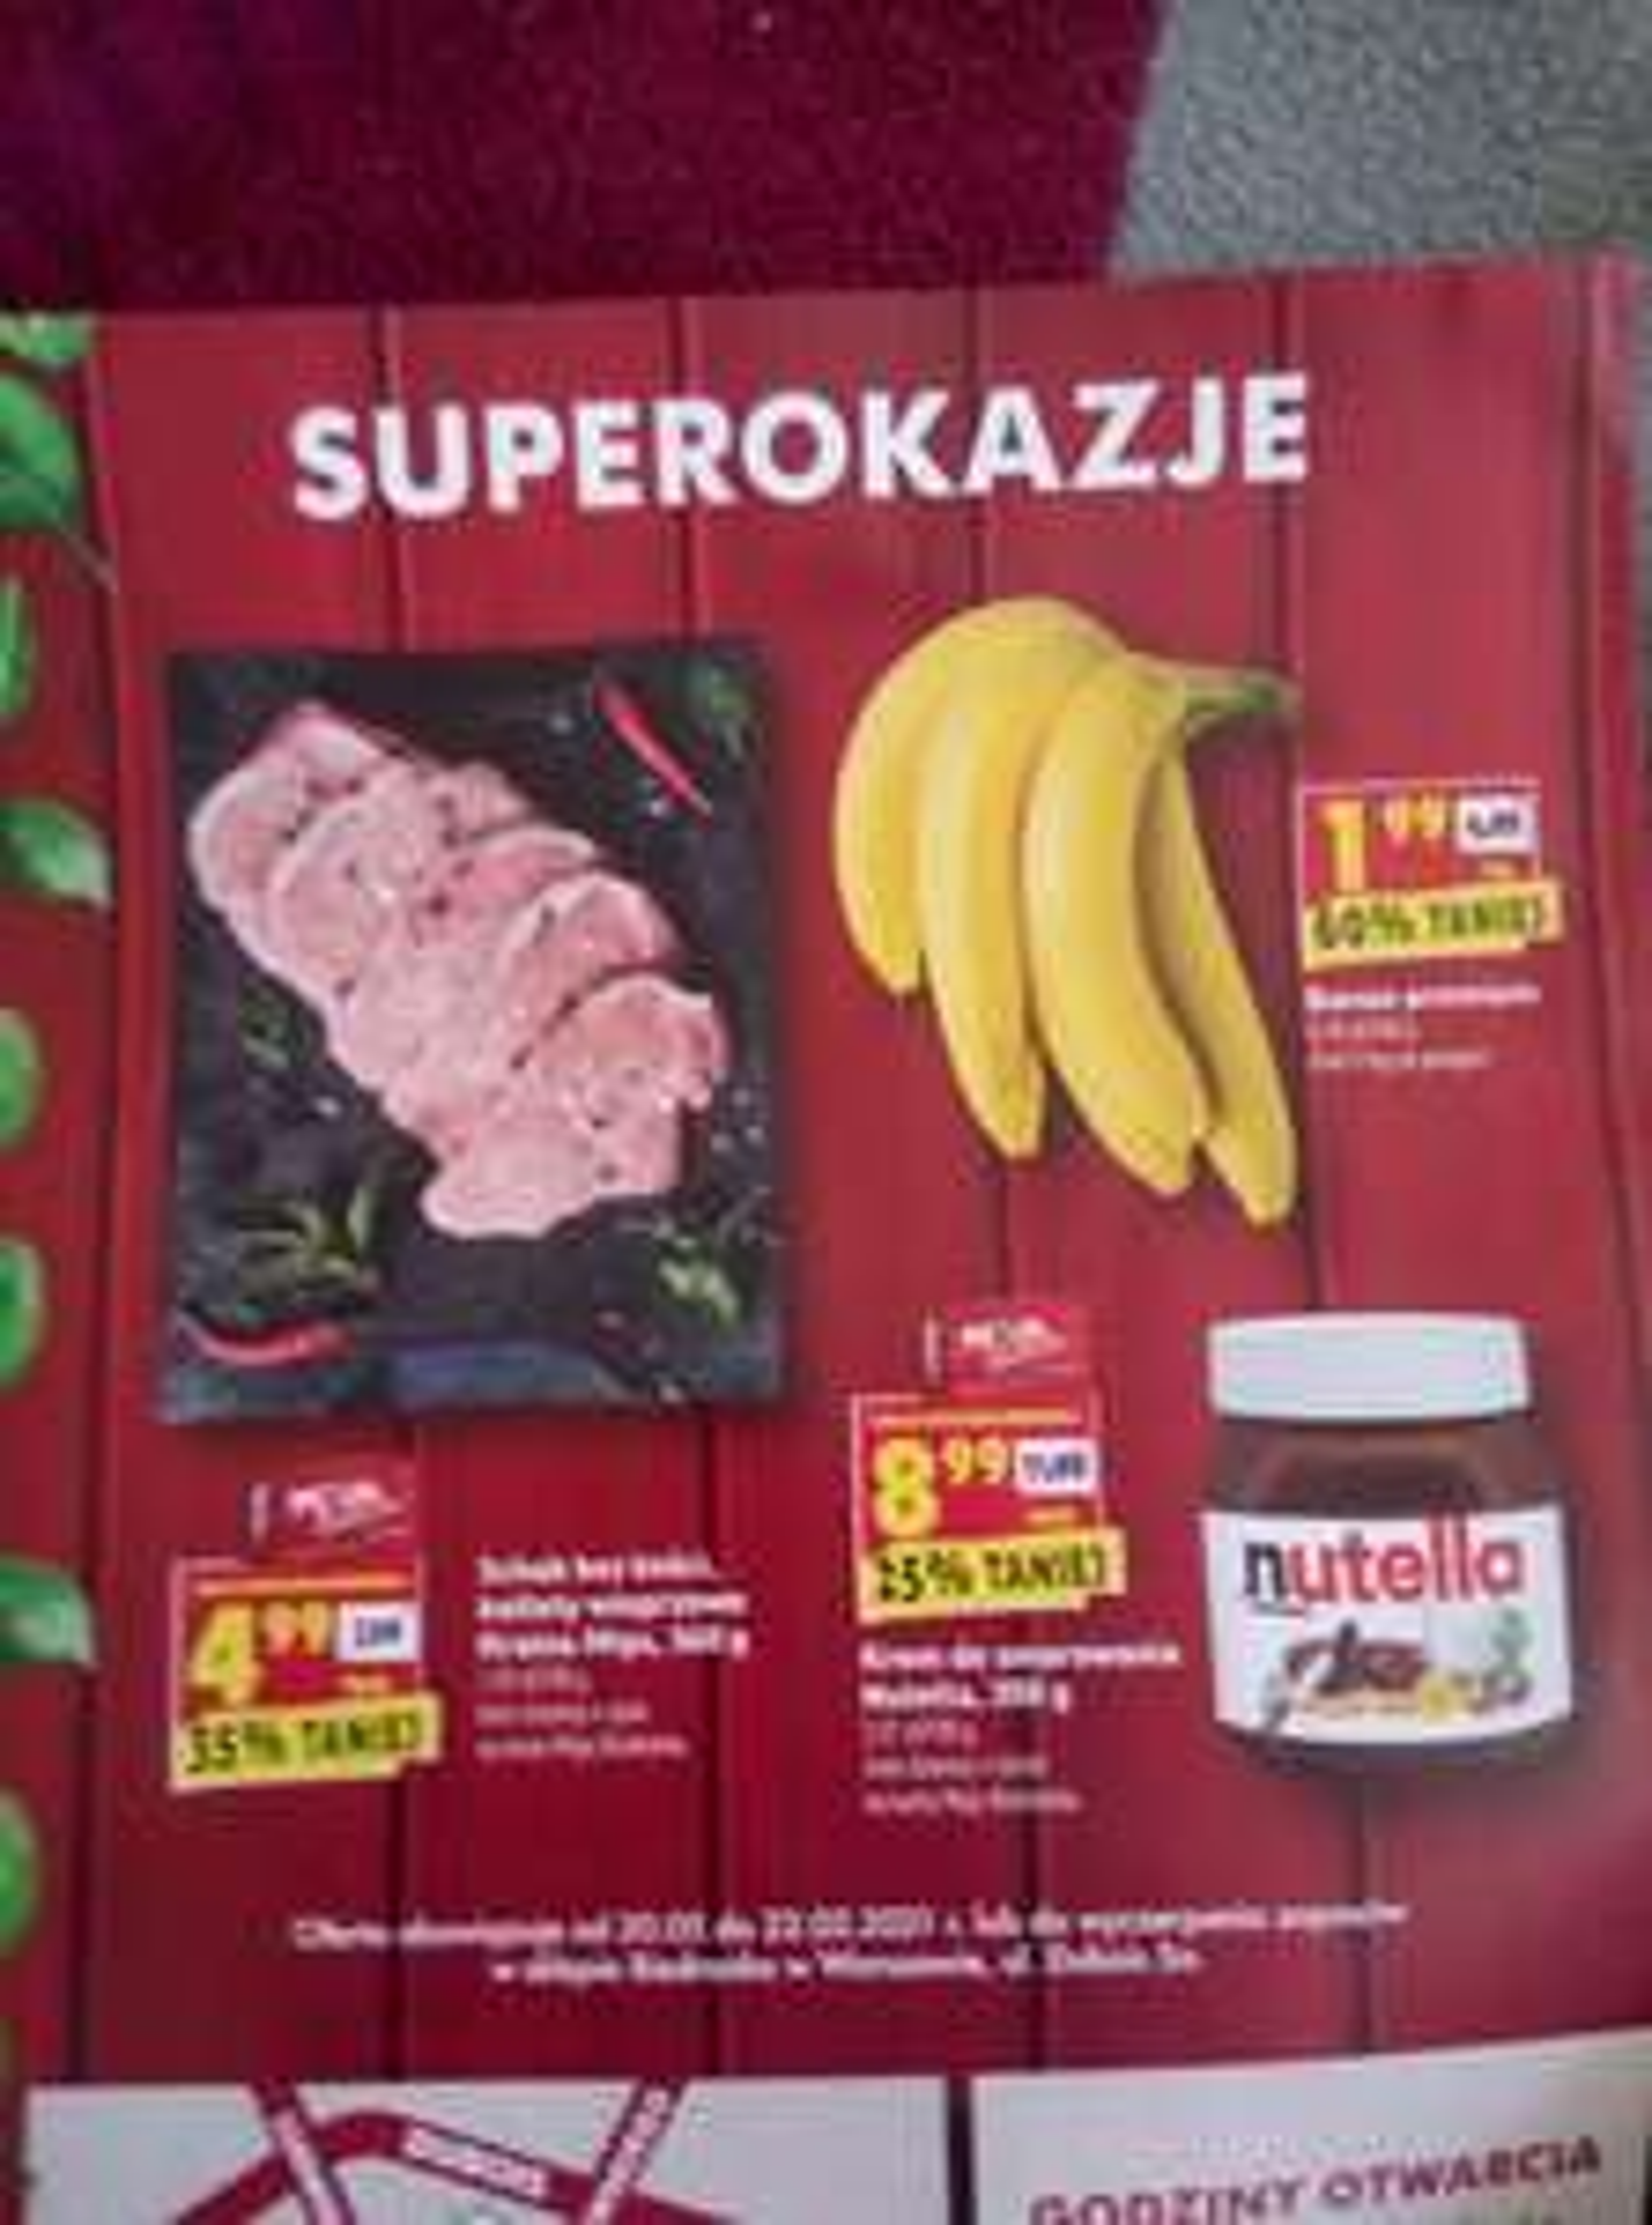 Banany 1,99 biedronka lokalnie Warszawa duboisa